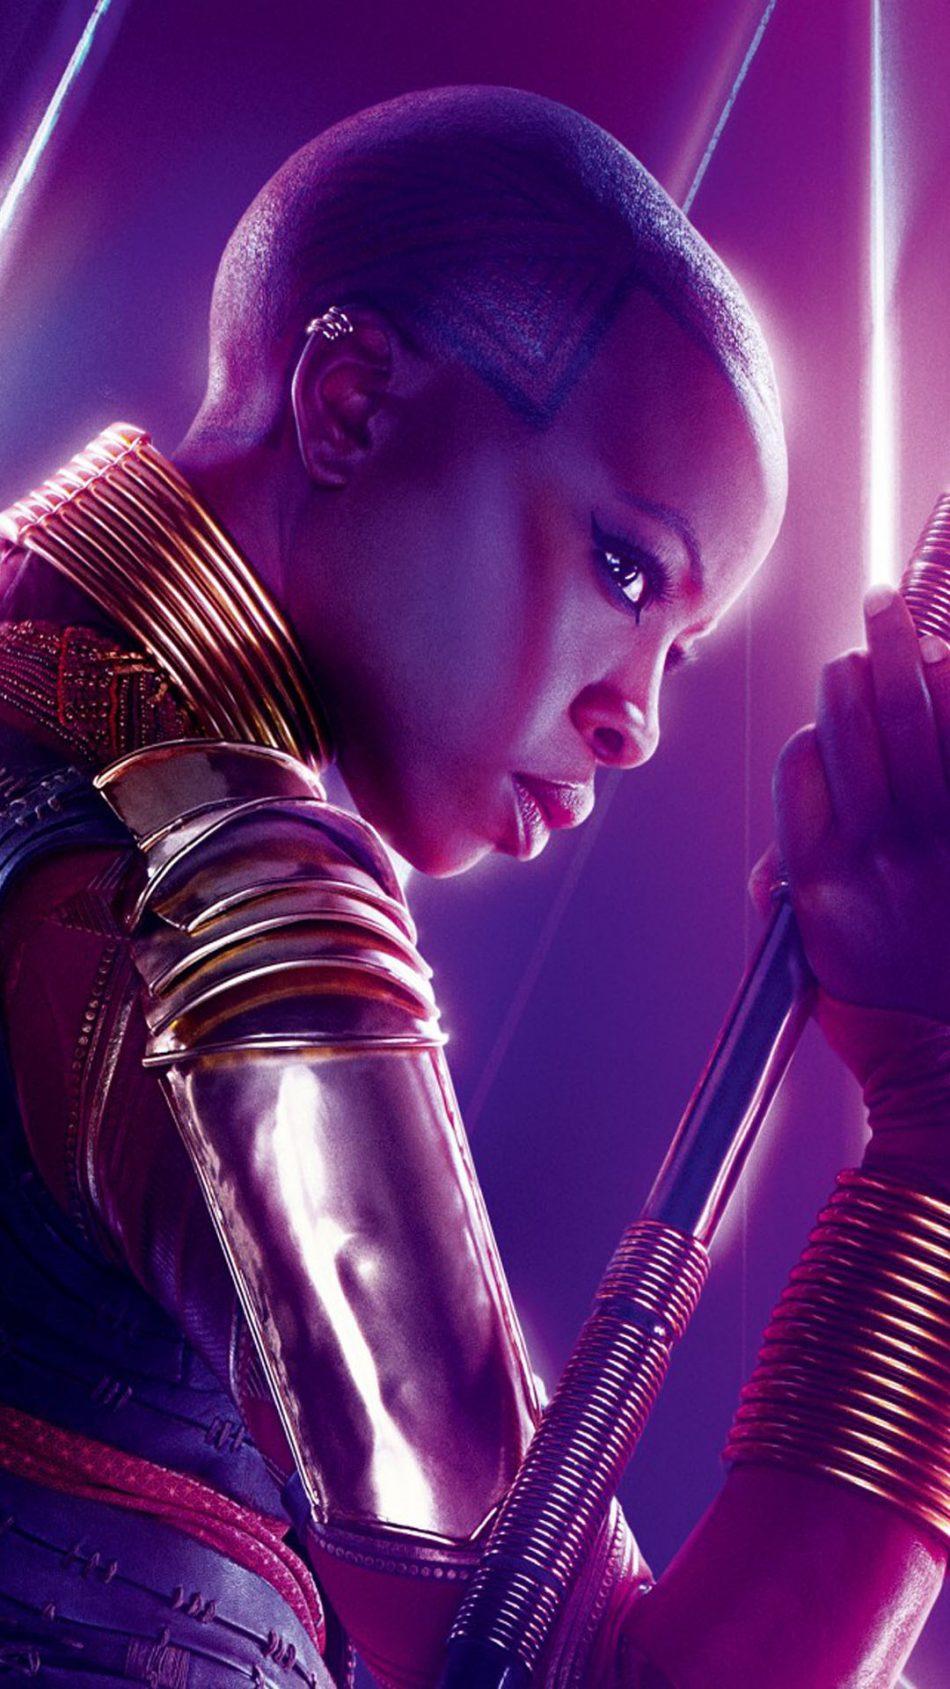 Okoye In Avengers Infinity War 4K Ultra HD Mobile Wallpaper